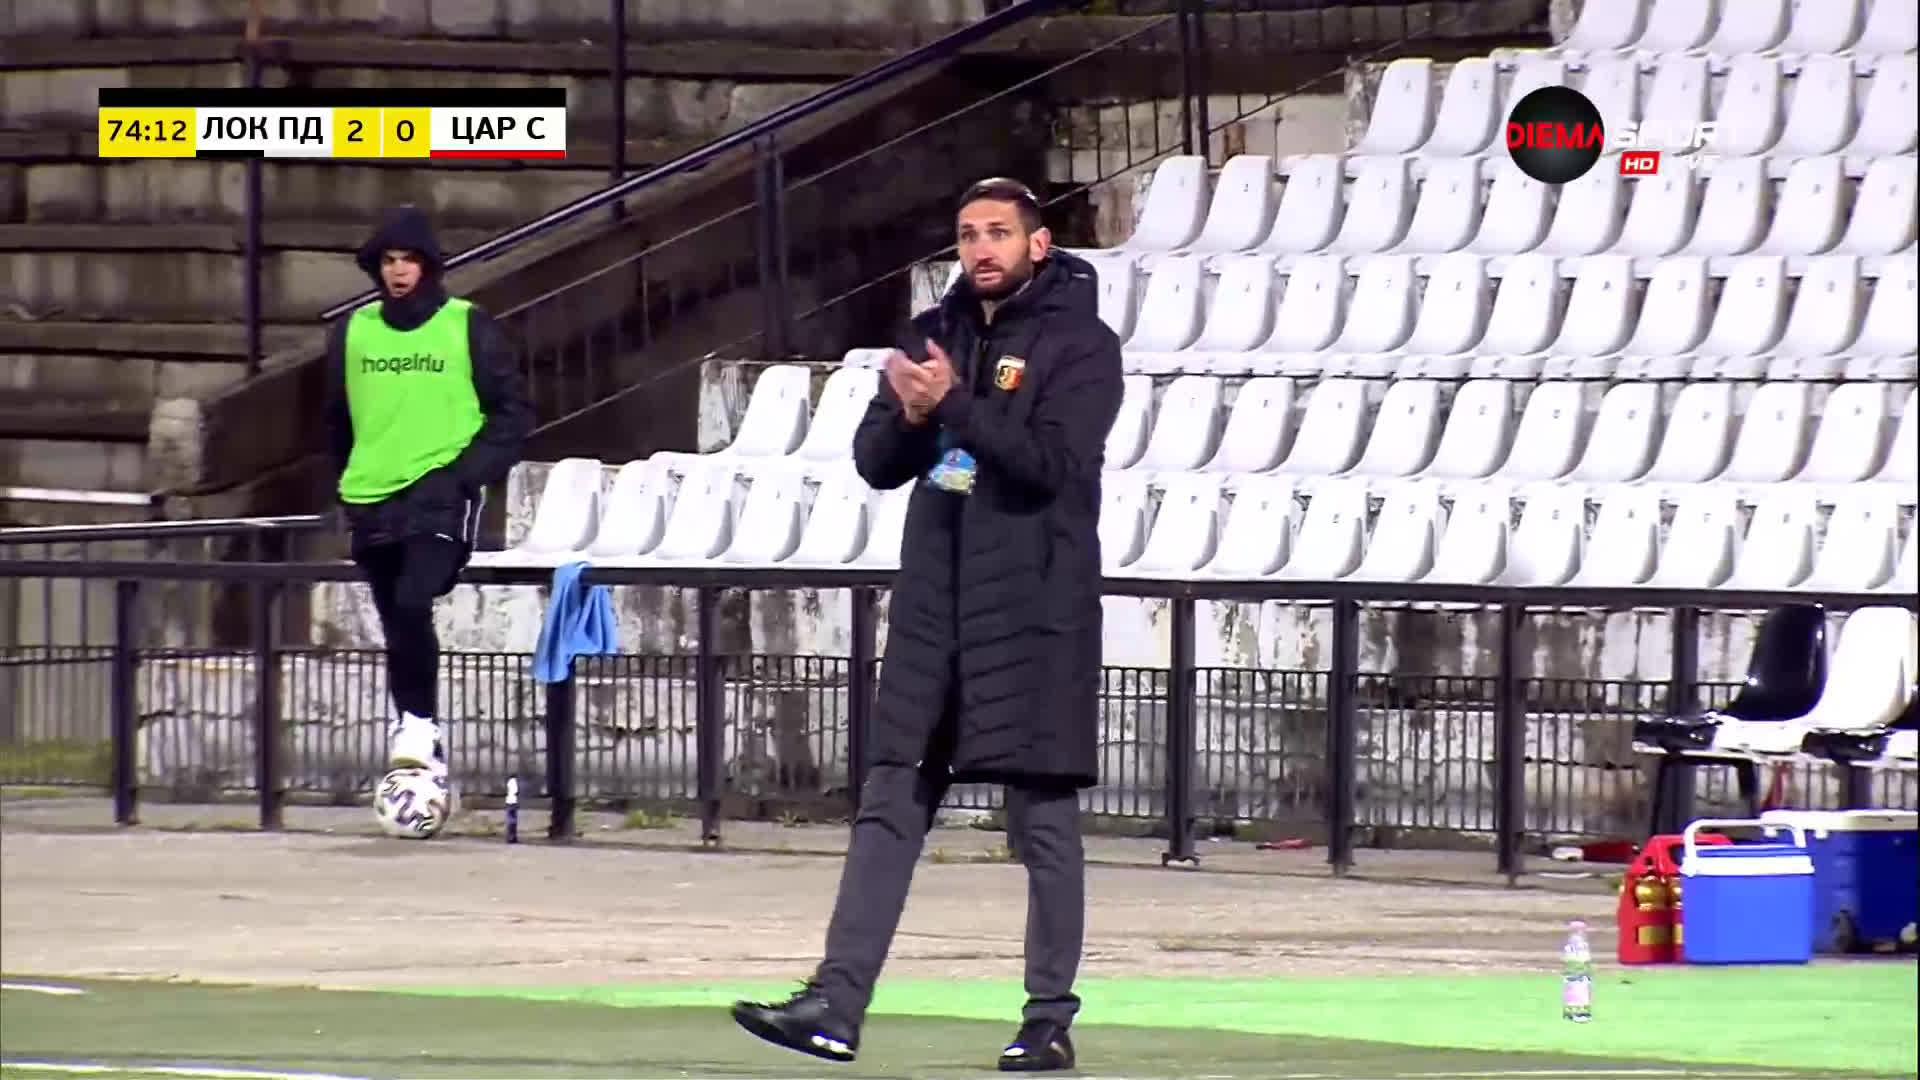 Георги Минчев отново матира Пласид за 2:0 срещу Царско село